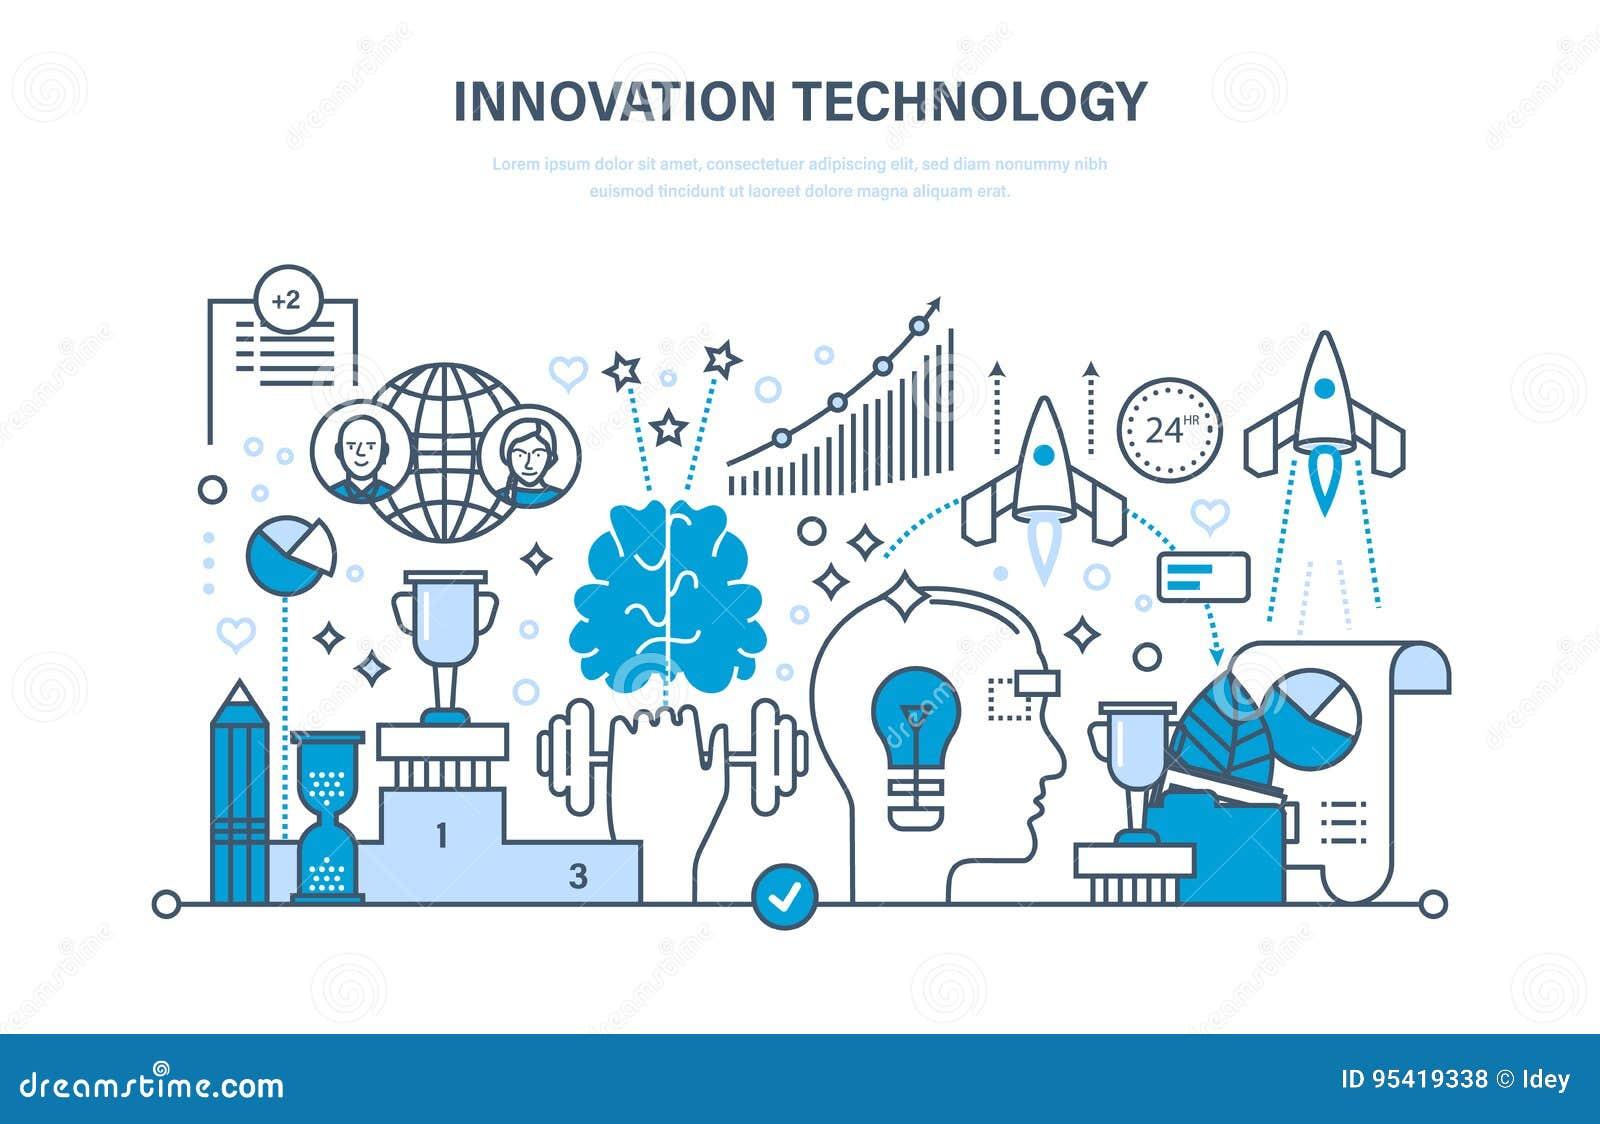 Τεχνολογία καινοτομίας Δημιουργικές σκέψη και διαδικασία, ανάπτυξη επιχειρησιακών συστημάτων, μάρκετινγκ